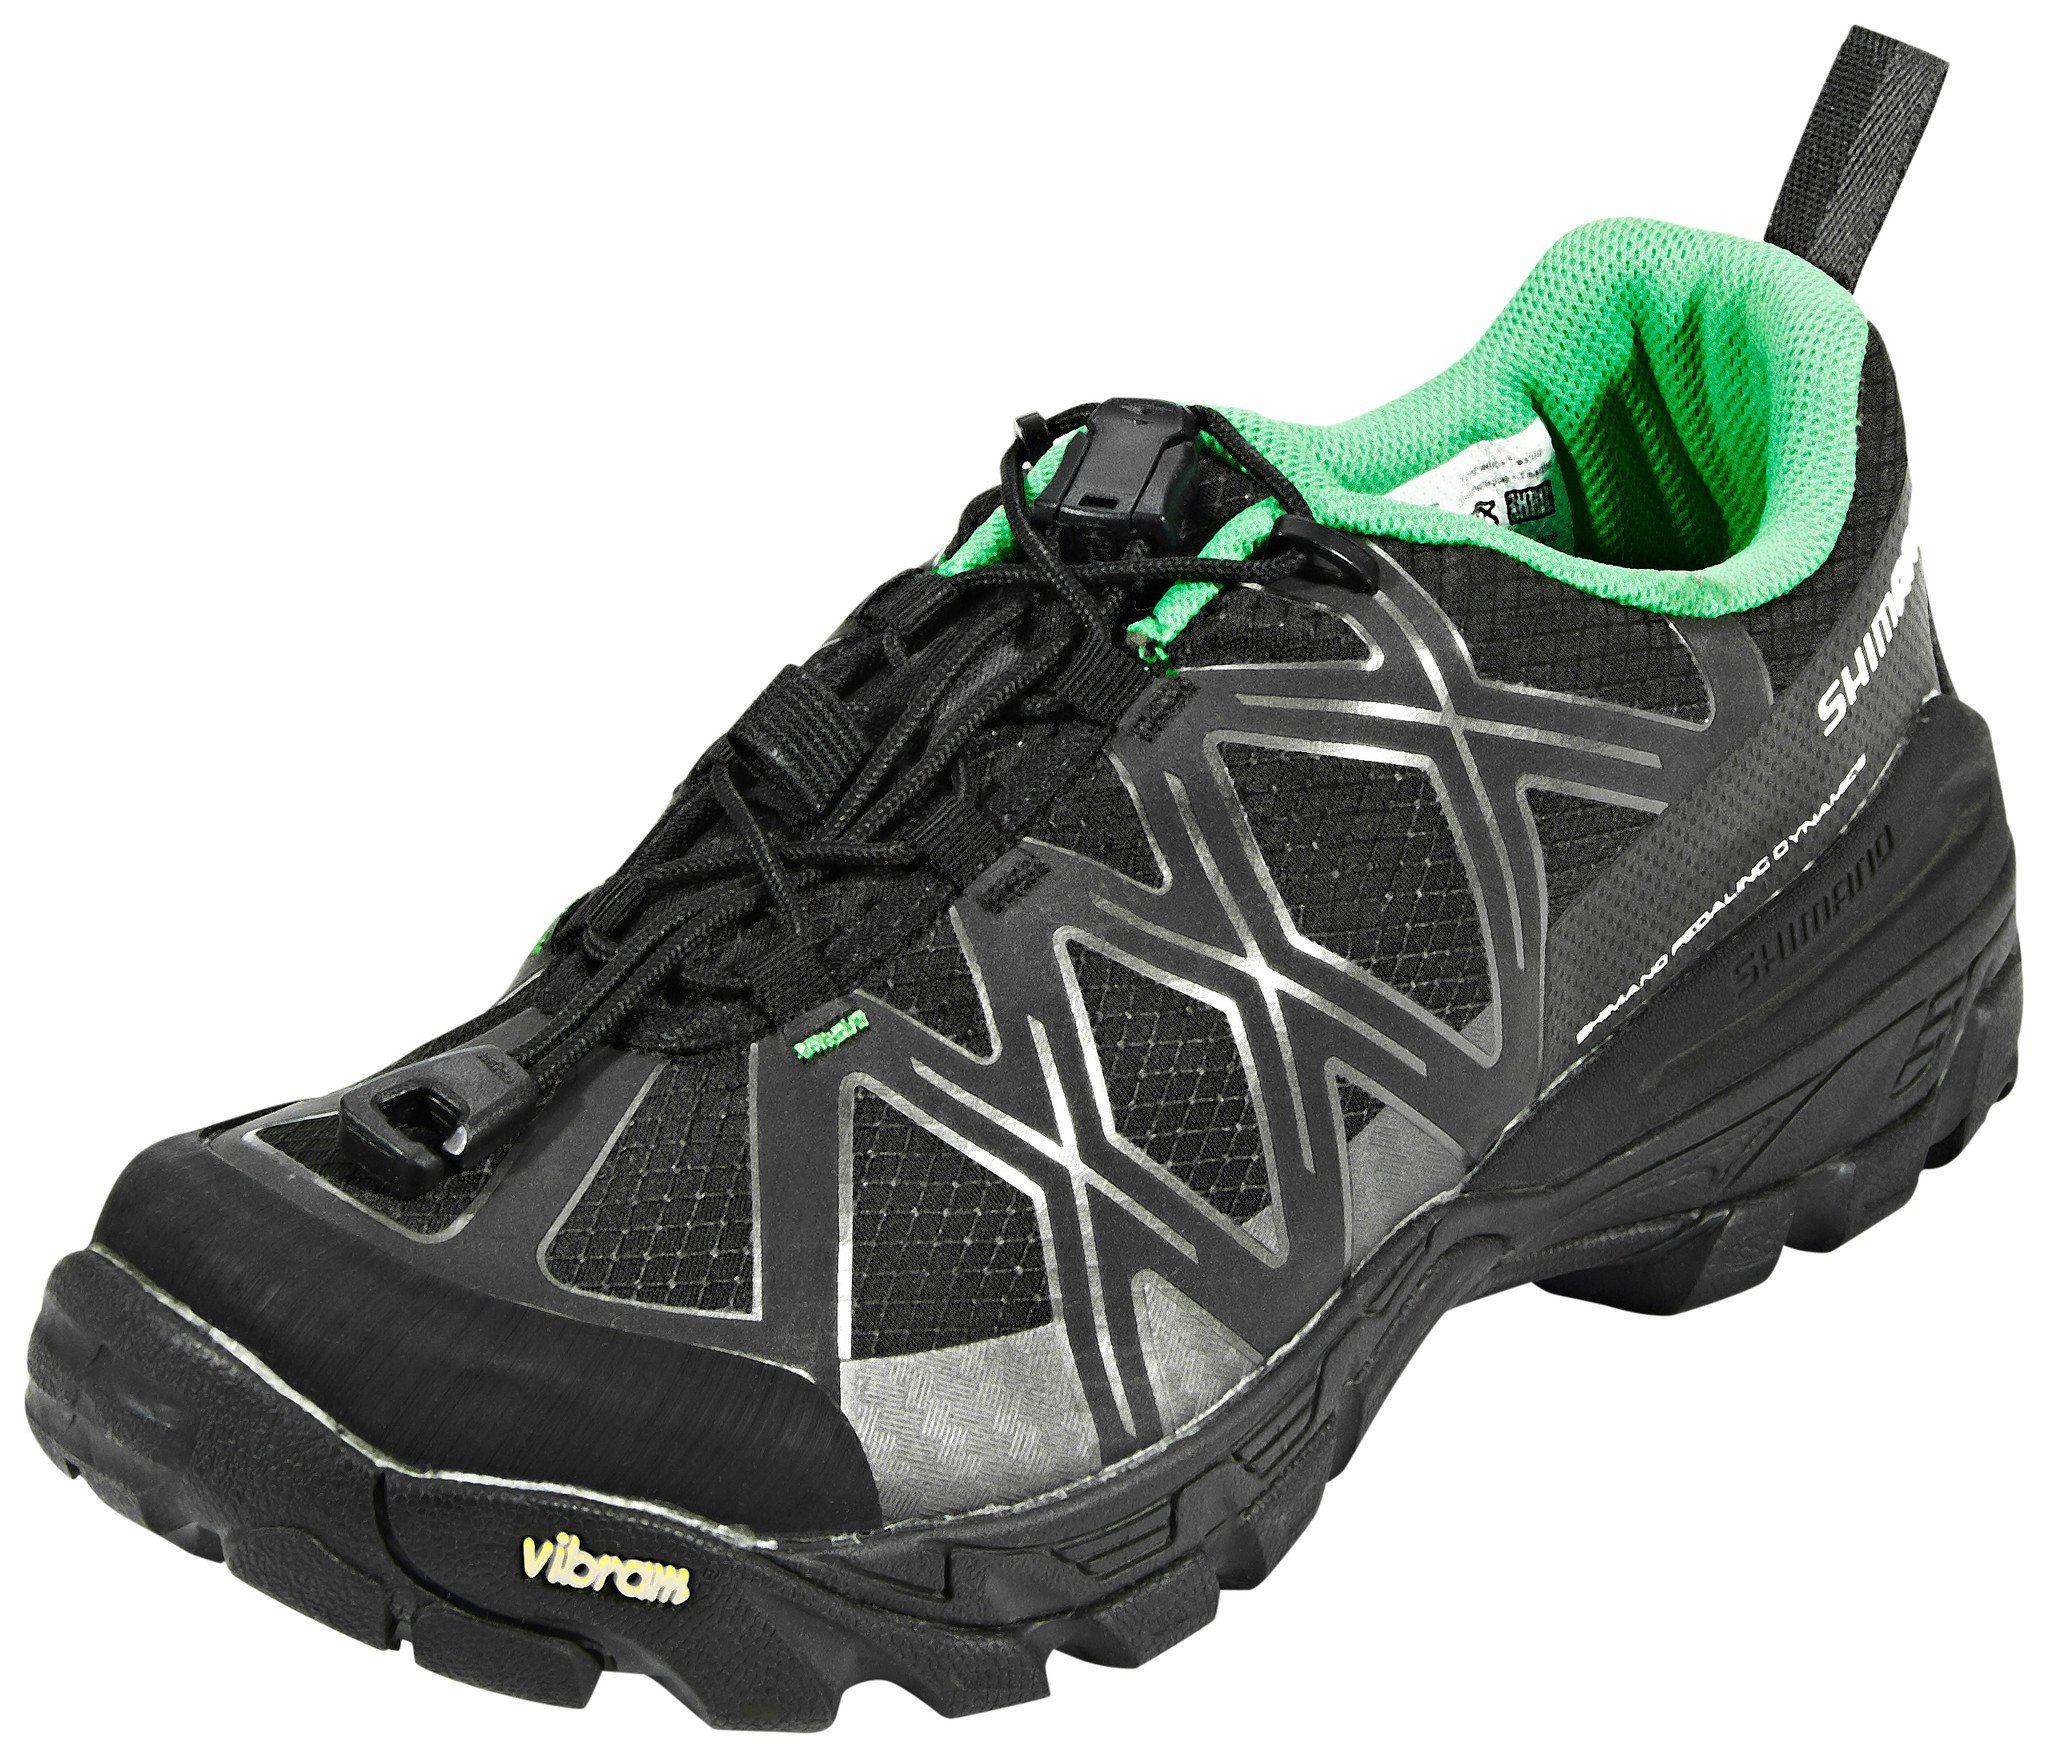 Shimano Freizeitschuh »SH-MT54L Schuhe Unisex«, schwarz, schwarz